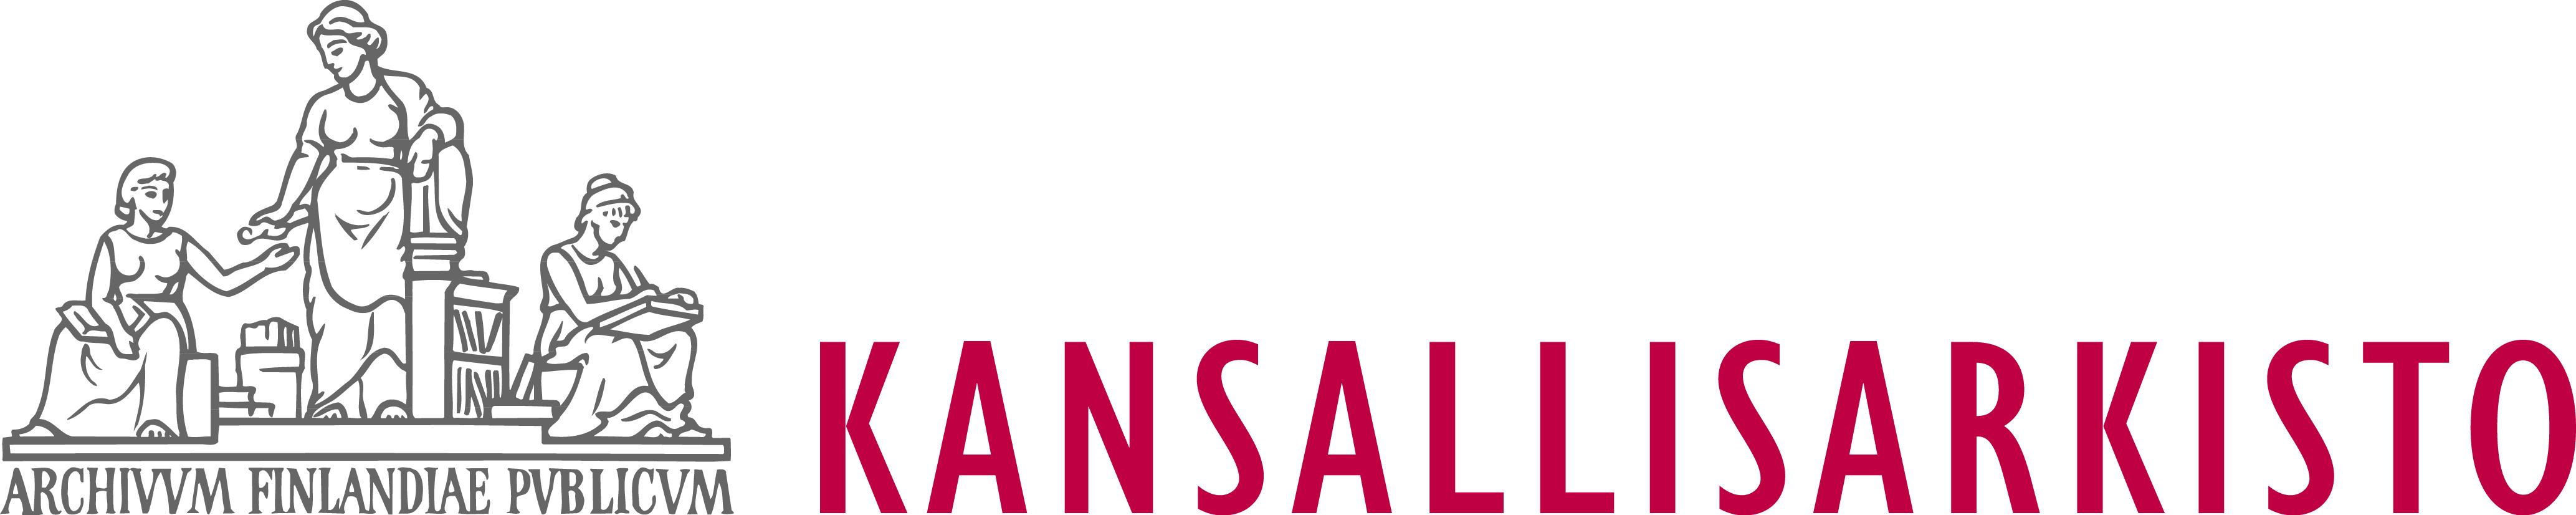 kansallisarkisto_logo_cmyk